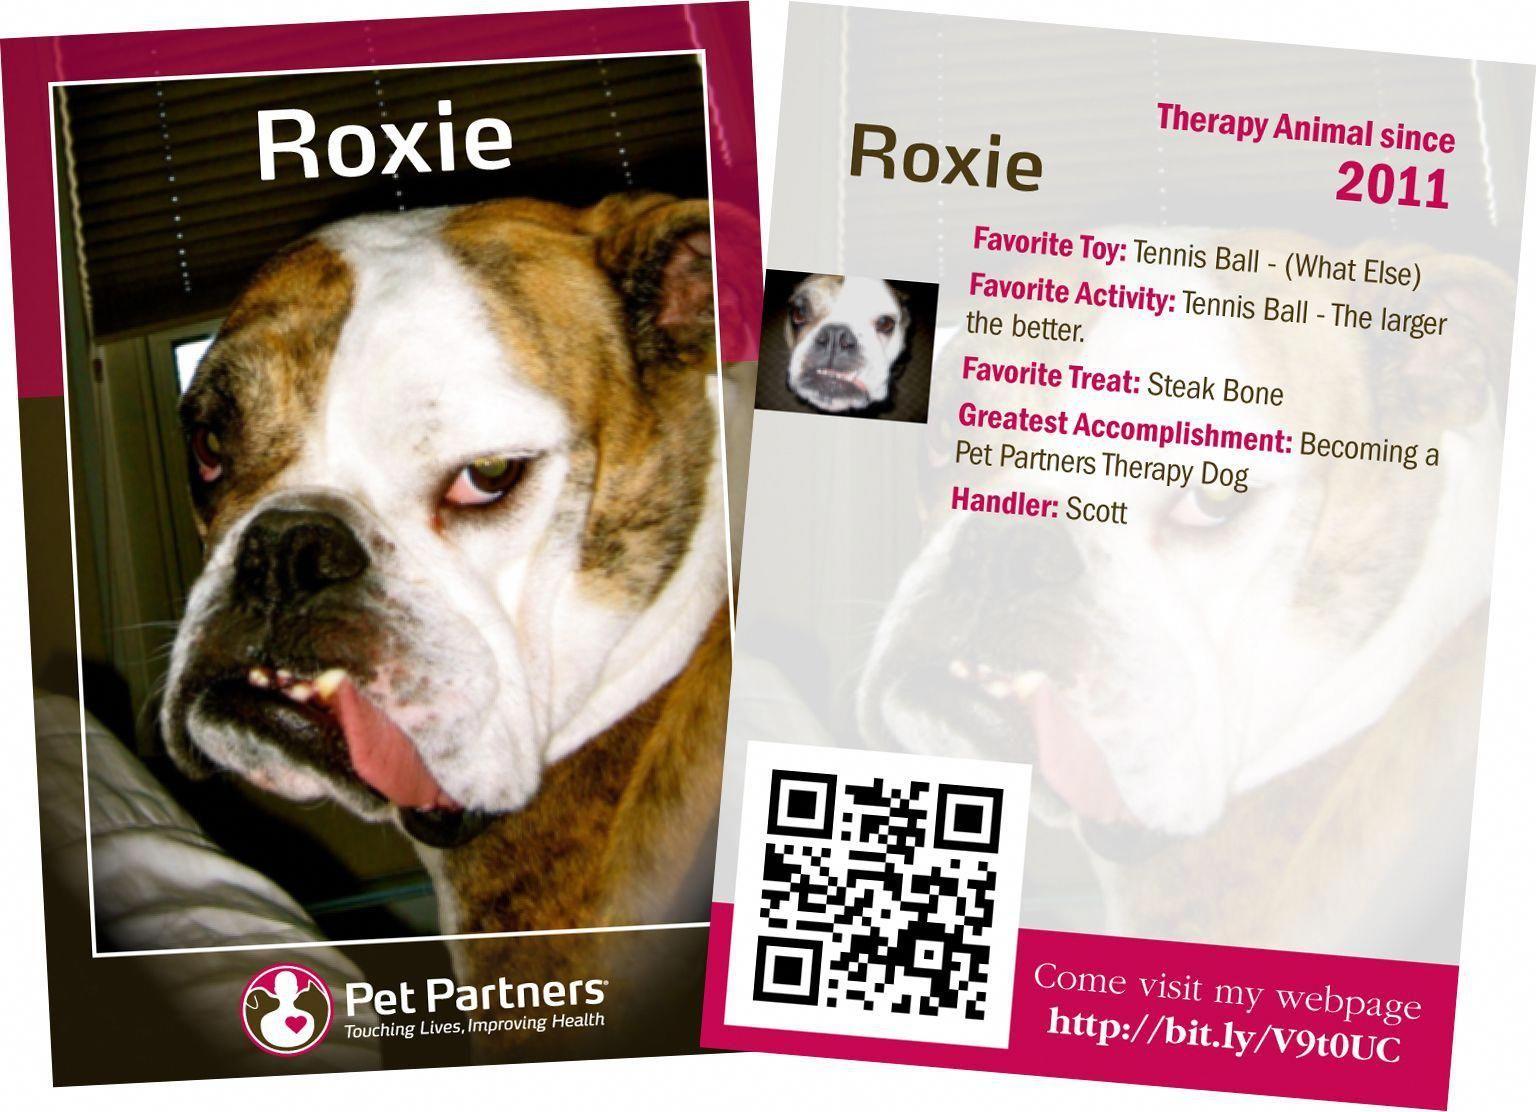 Dog Training Business Dogtrainingbusiness Therapy Dog Training